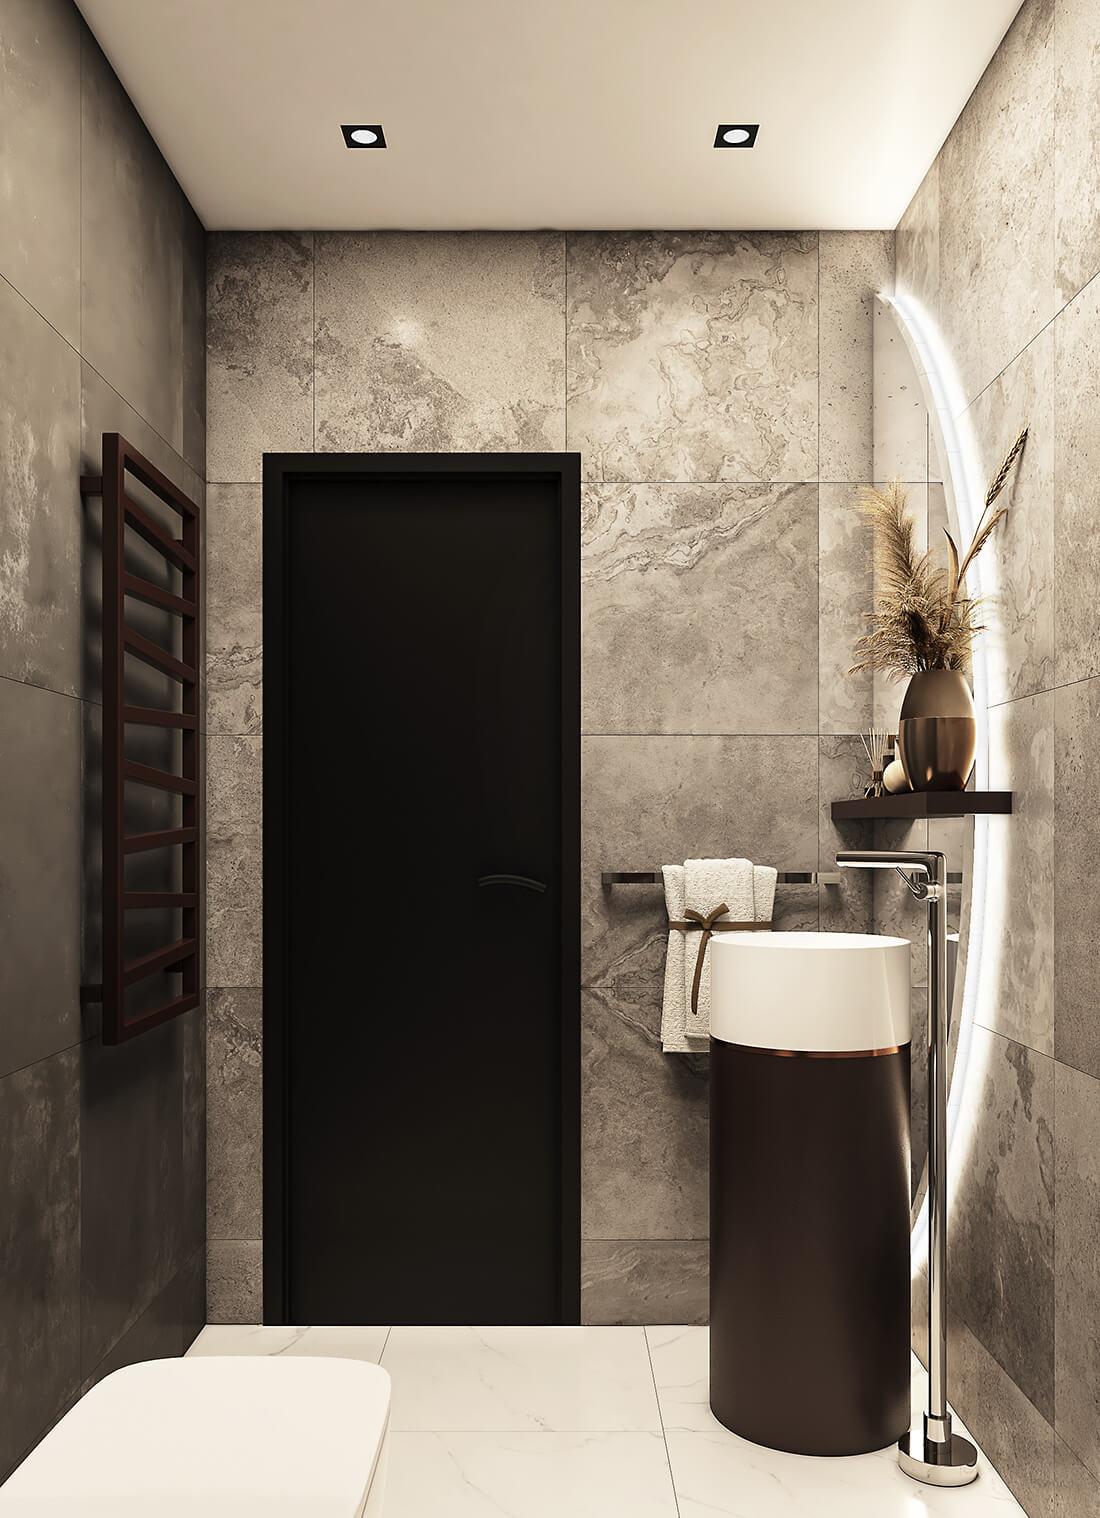 interioren-dizain-proekt-na-malka-banya-po-poruchka-paulo